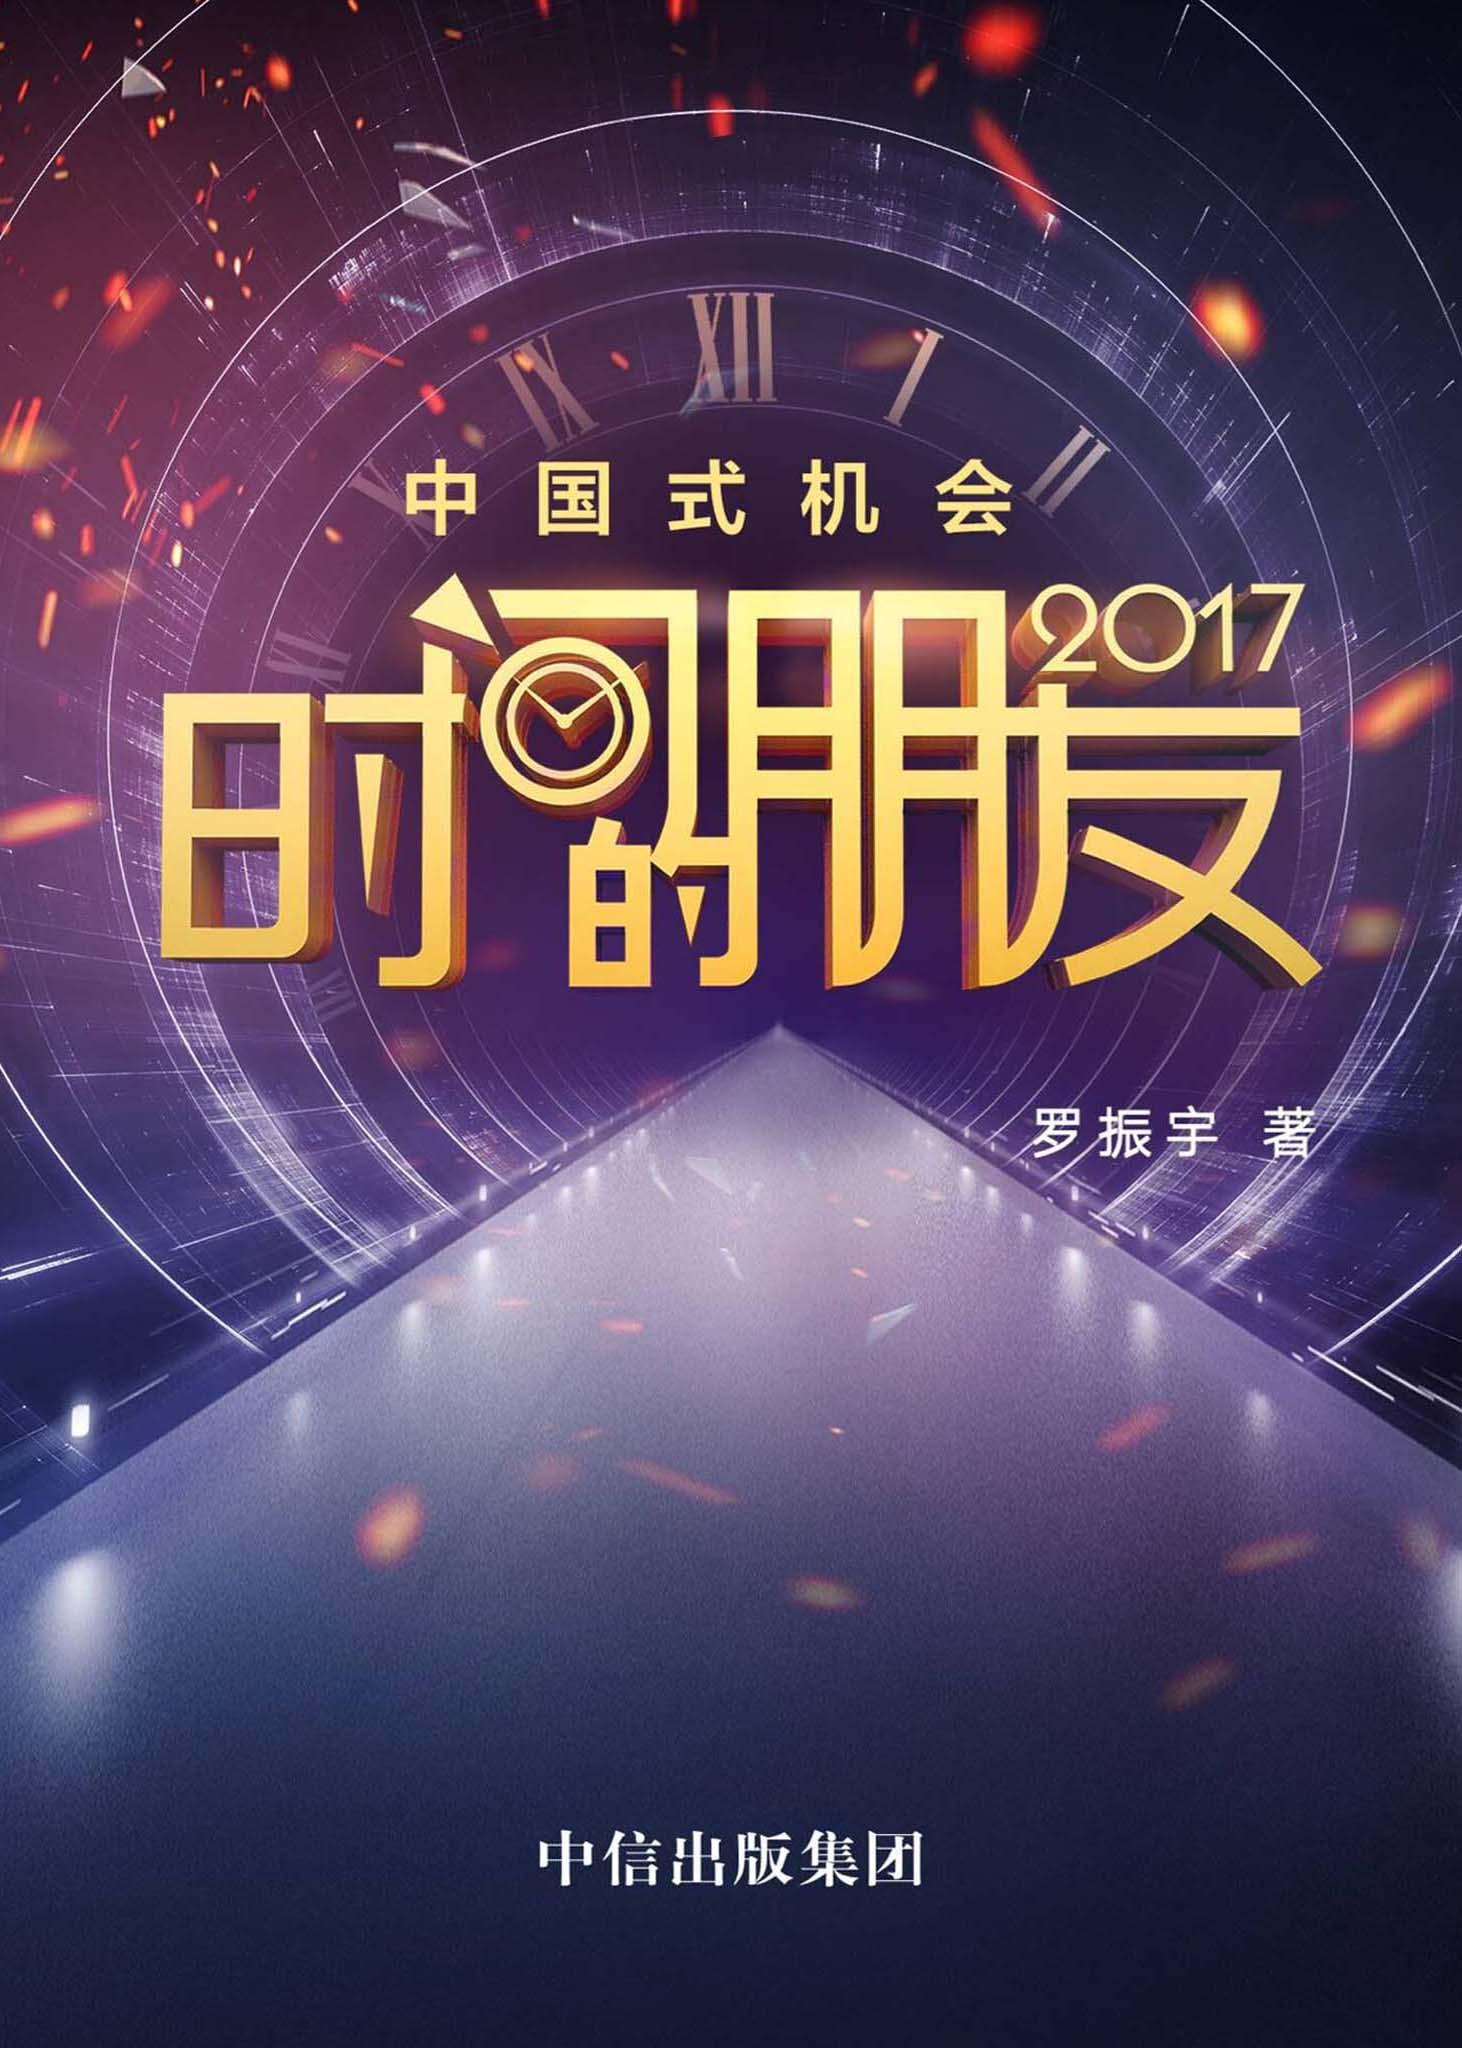 罗振宇《时间的朋友》2017跨年演讲